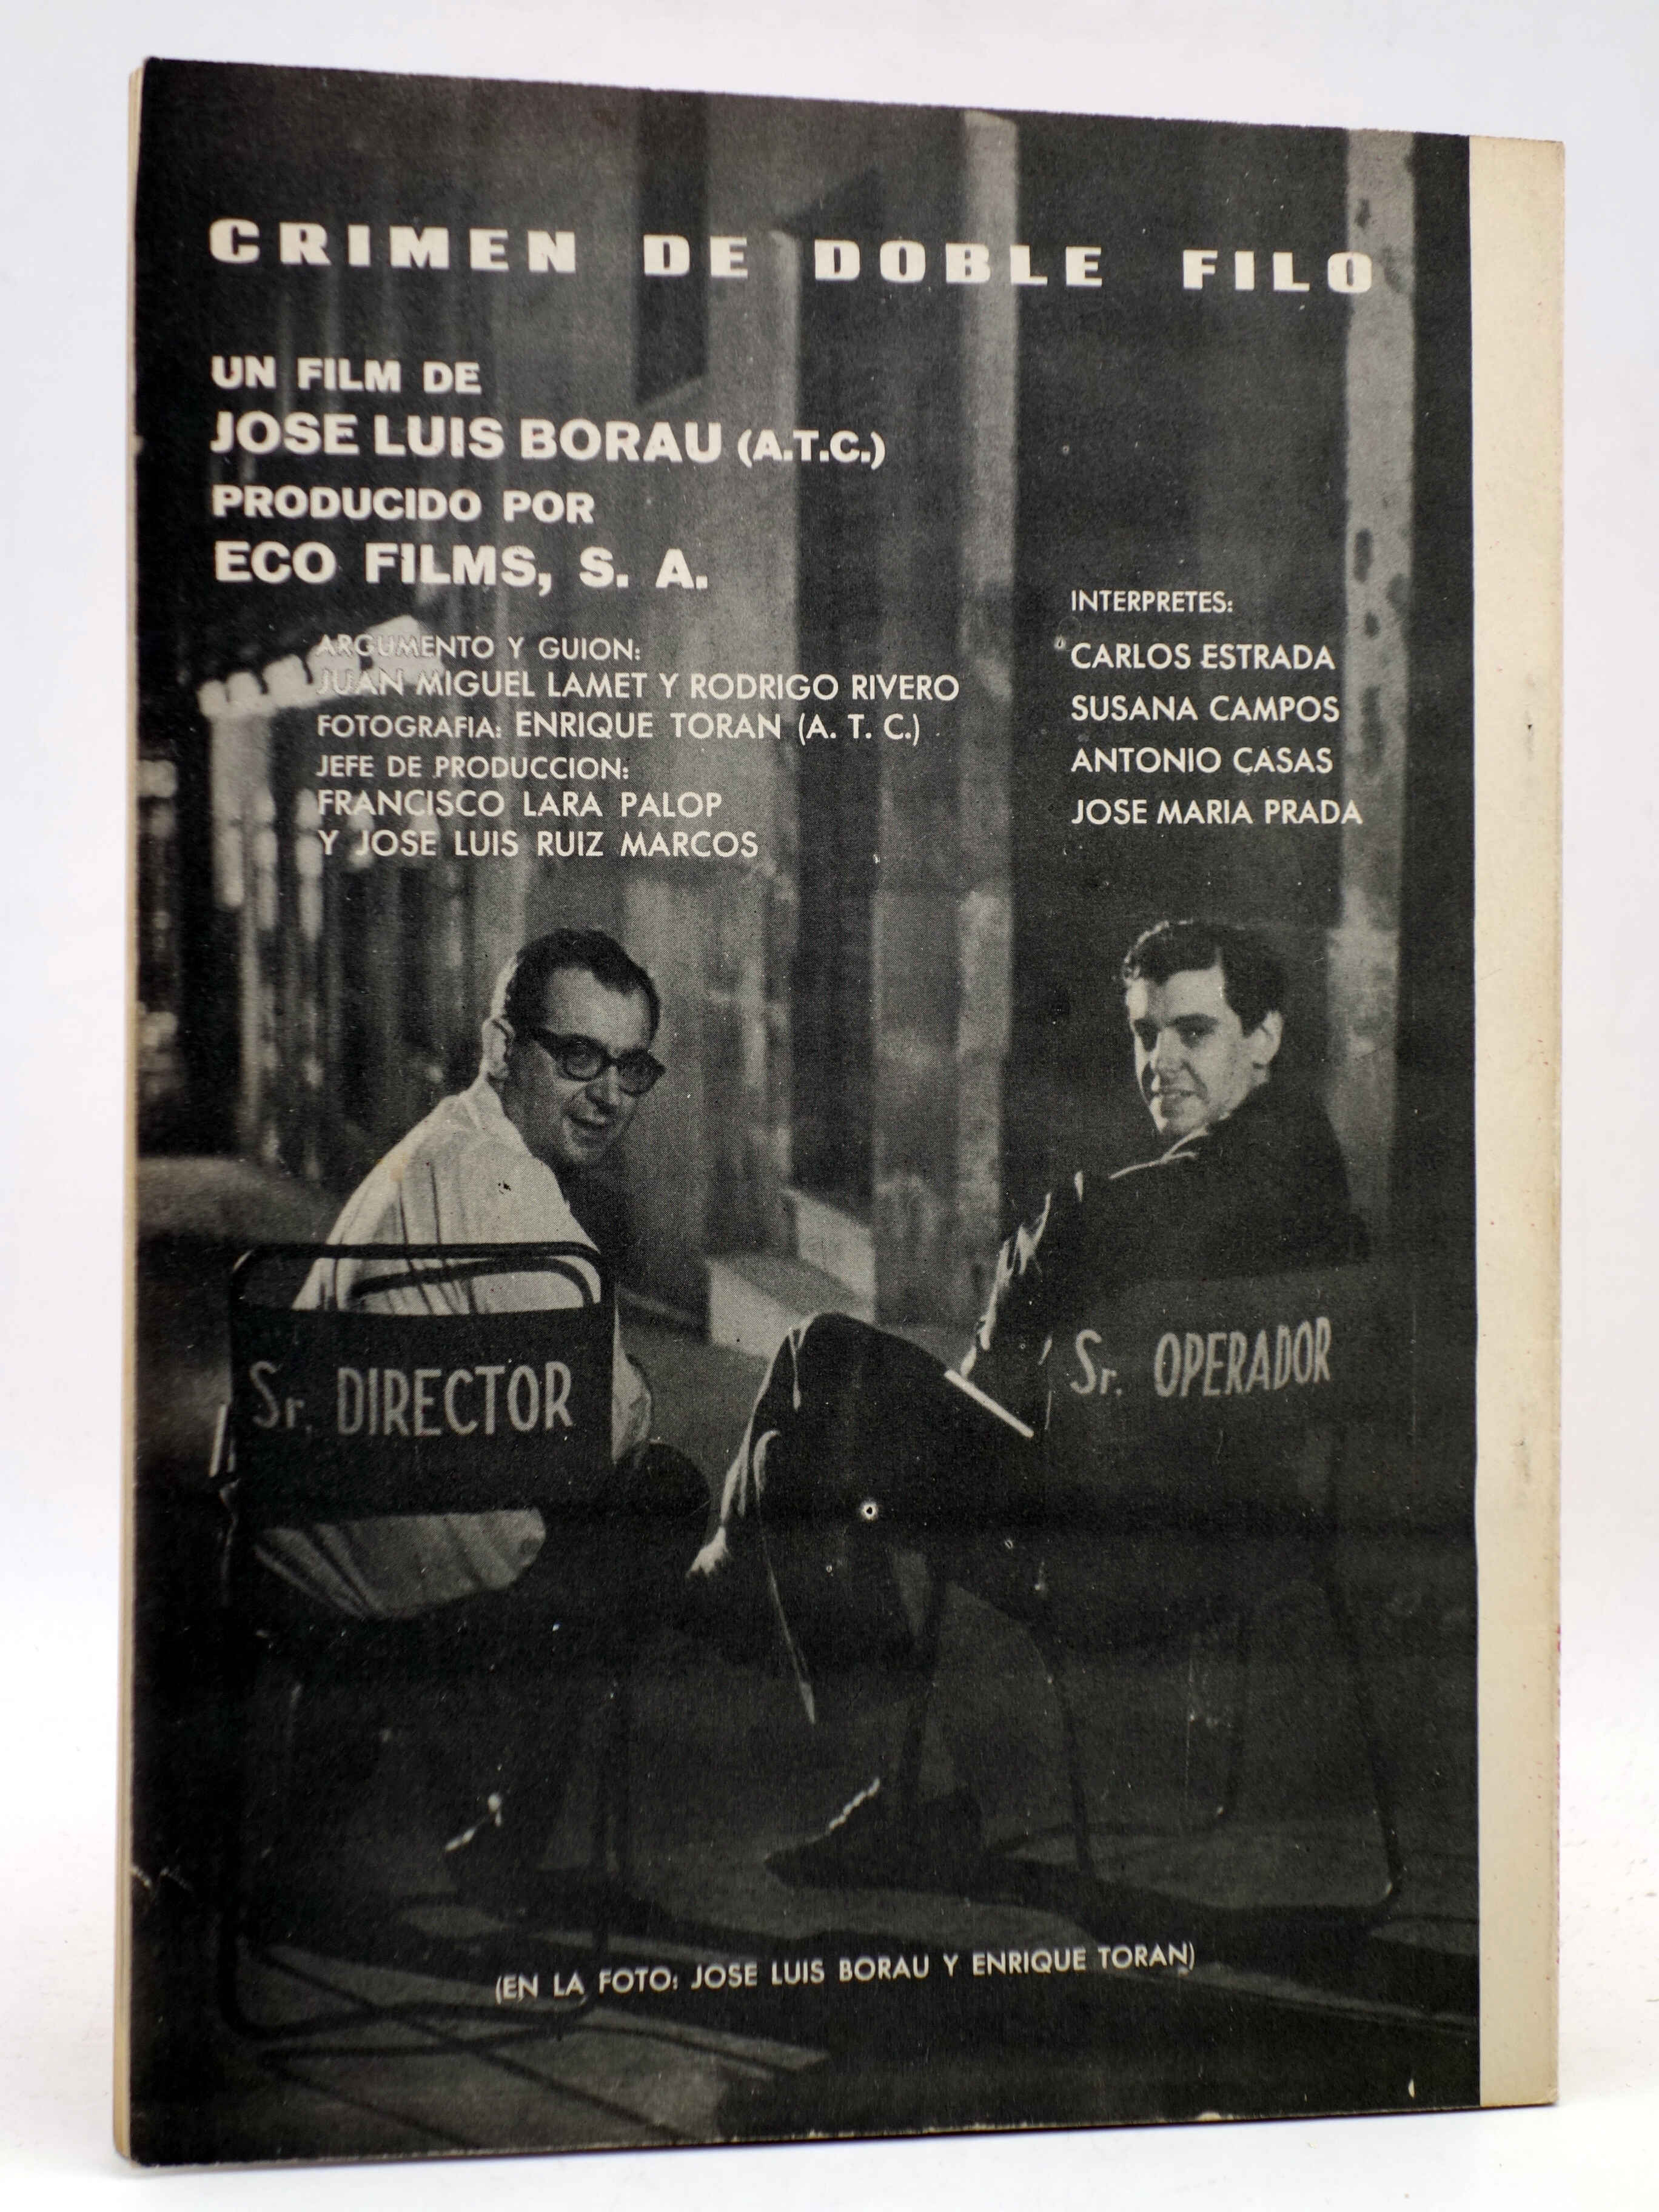 NUESTRO CINE. REVISTA CINEMATOGRÁFICA 30. CANNES 64. LA DECADENCIA DE HOLLYWOOD